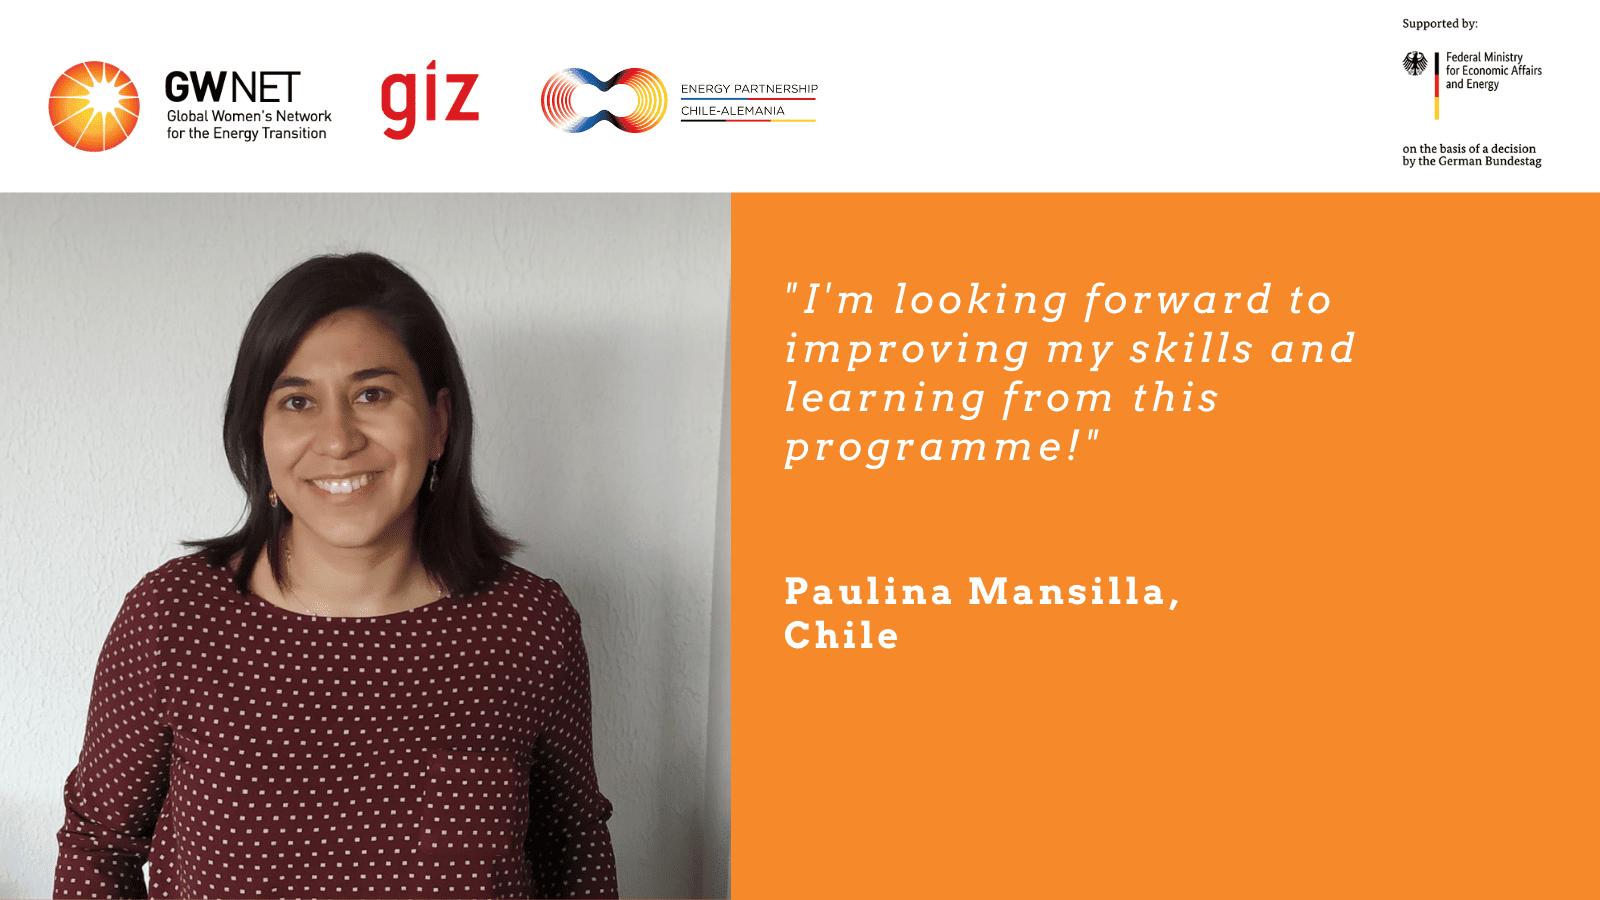 Paulina Mansilla quote